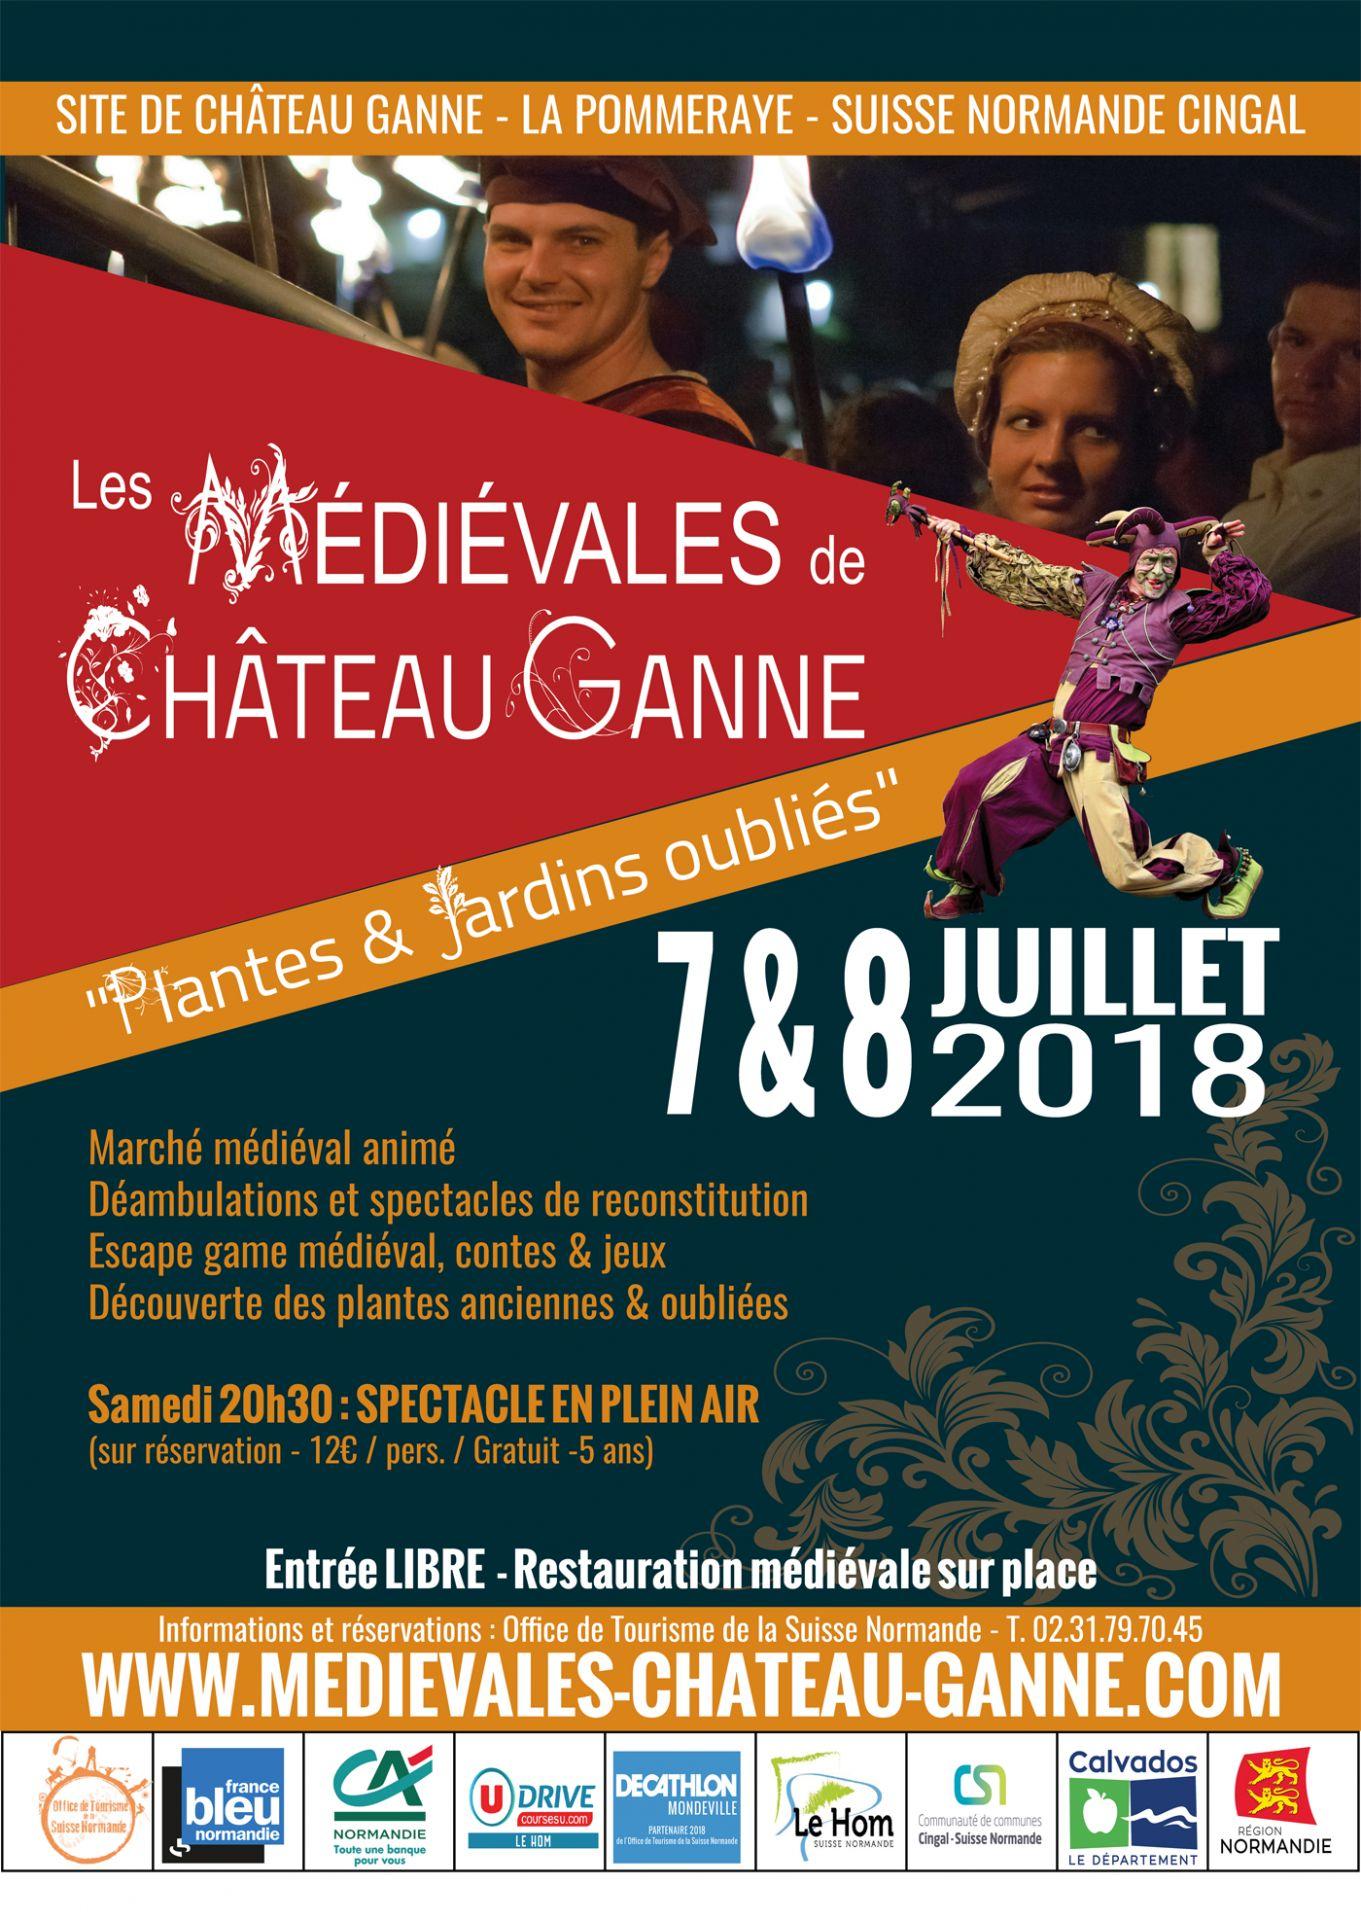 affiche-medievales-2018-definitive-redimensionnee